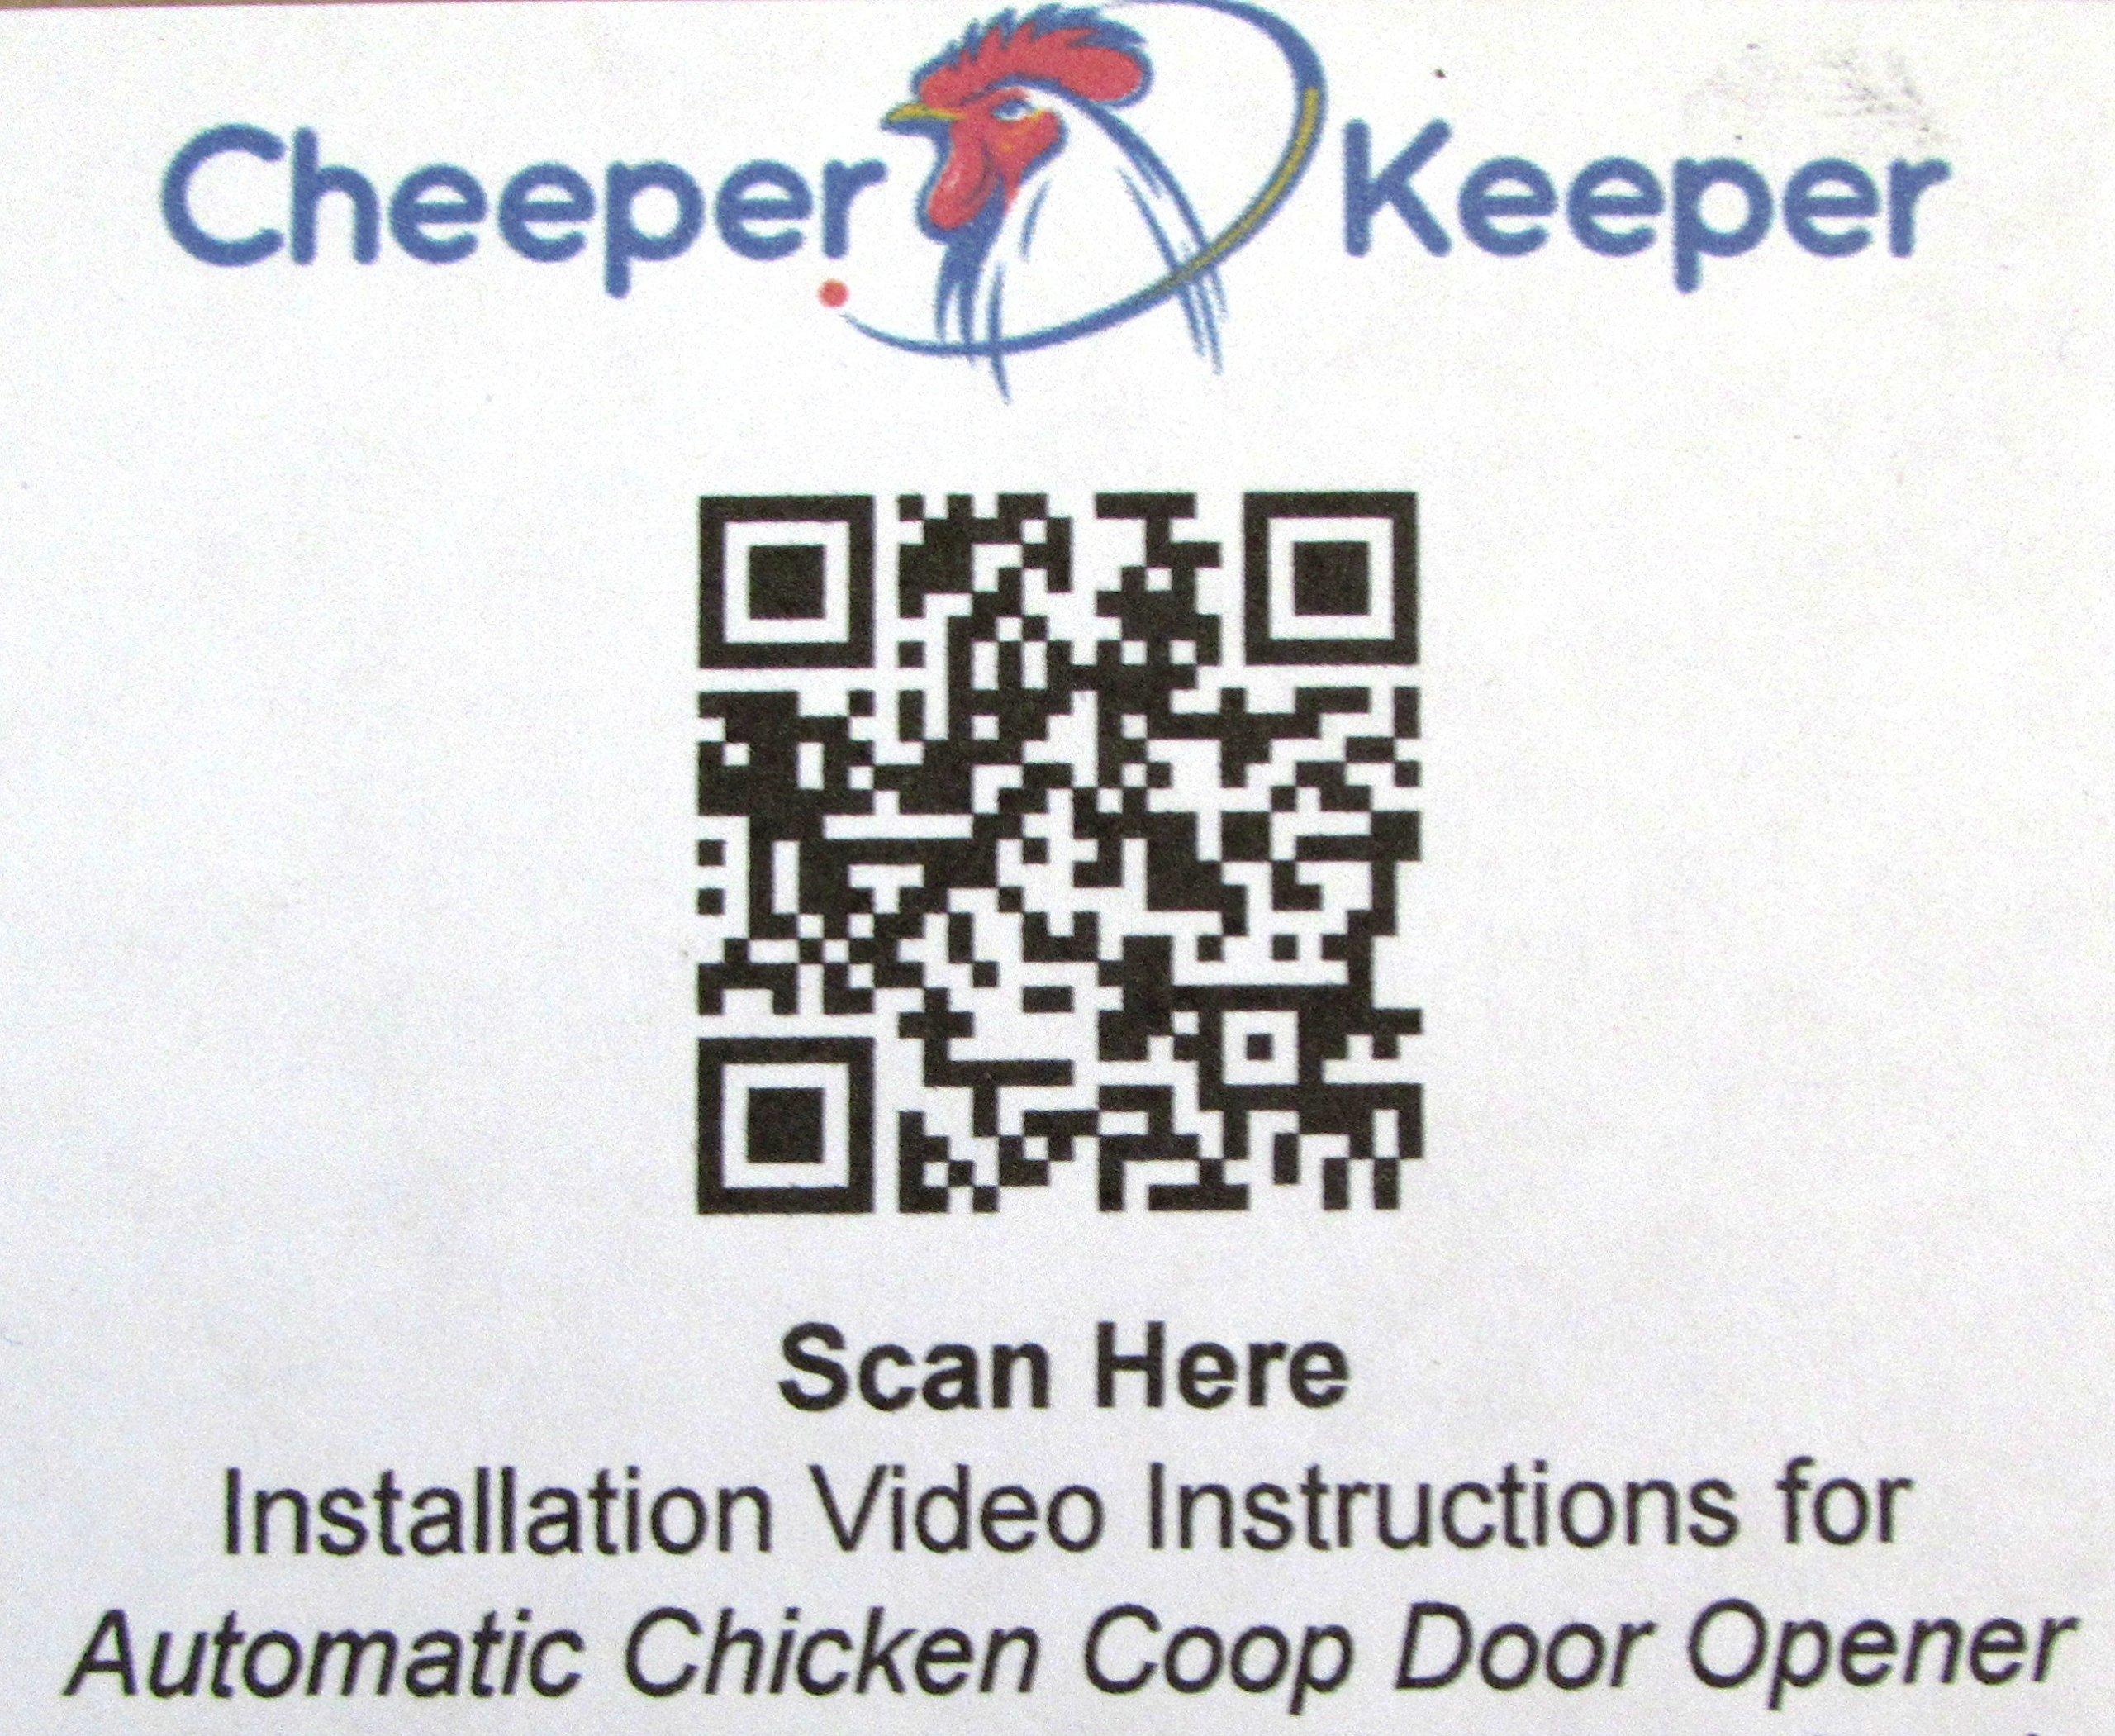 Automatic Chicken Coop Door Opener by Cheeper Keeper by Cheeper Keeper (Image #6)